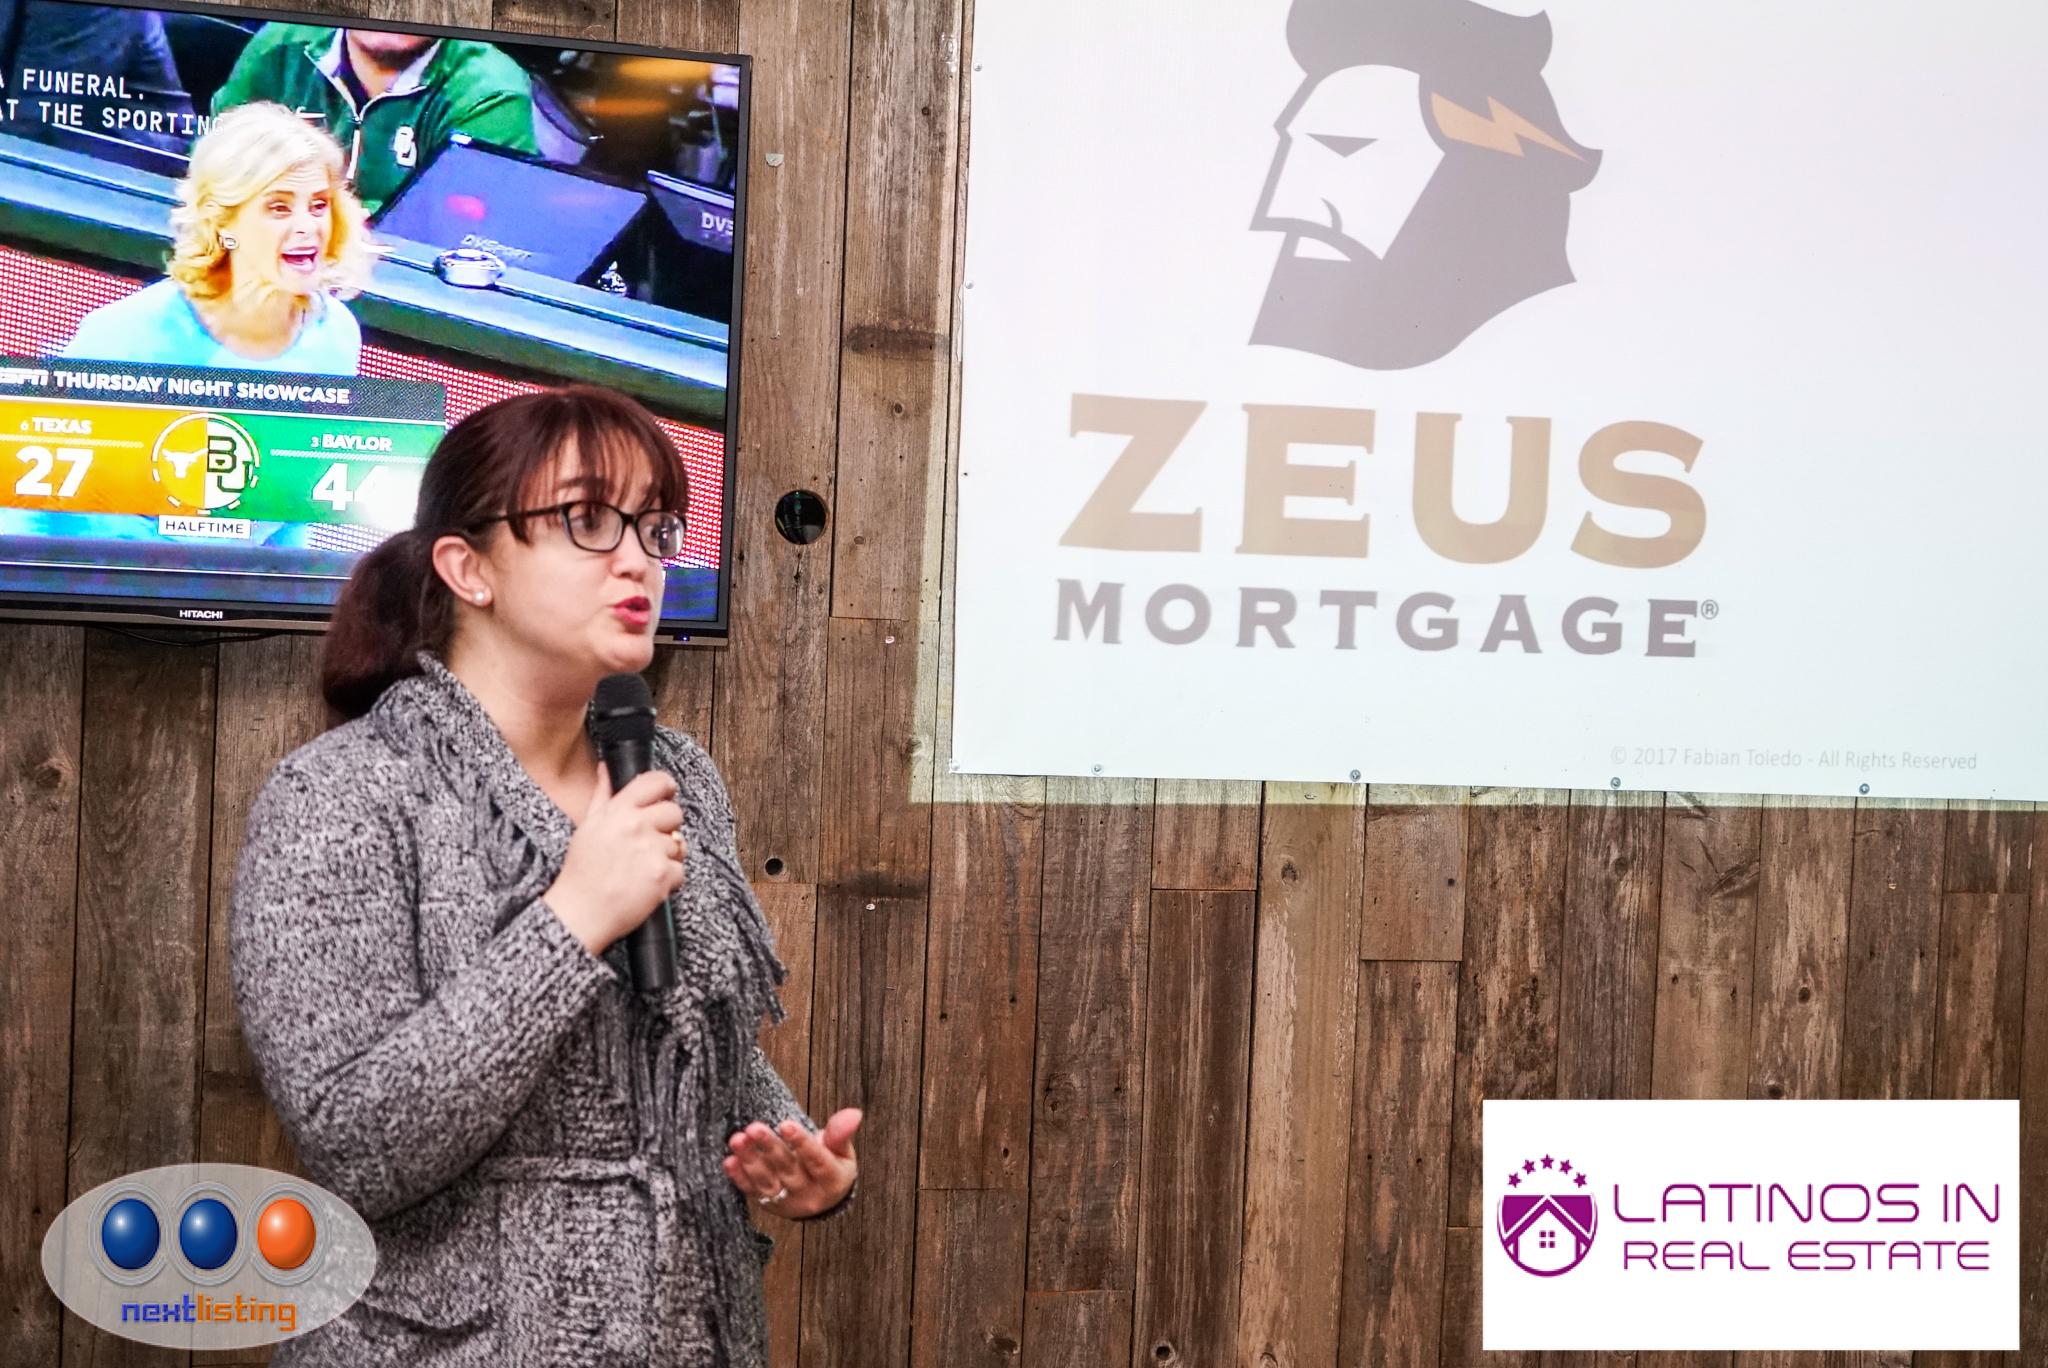 Zeus Mortgage,prestamos de inversión